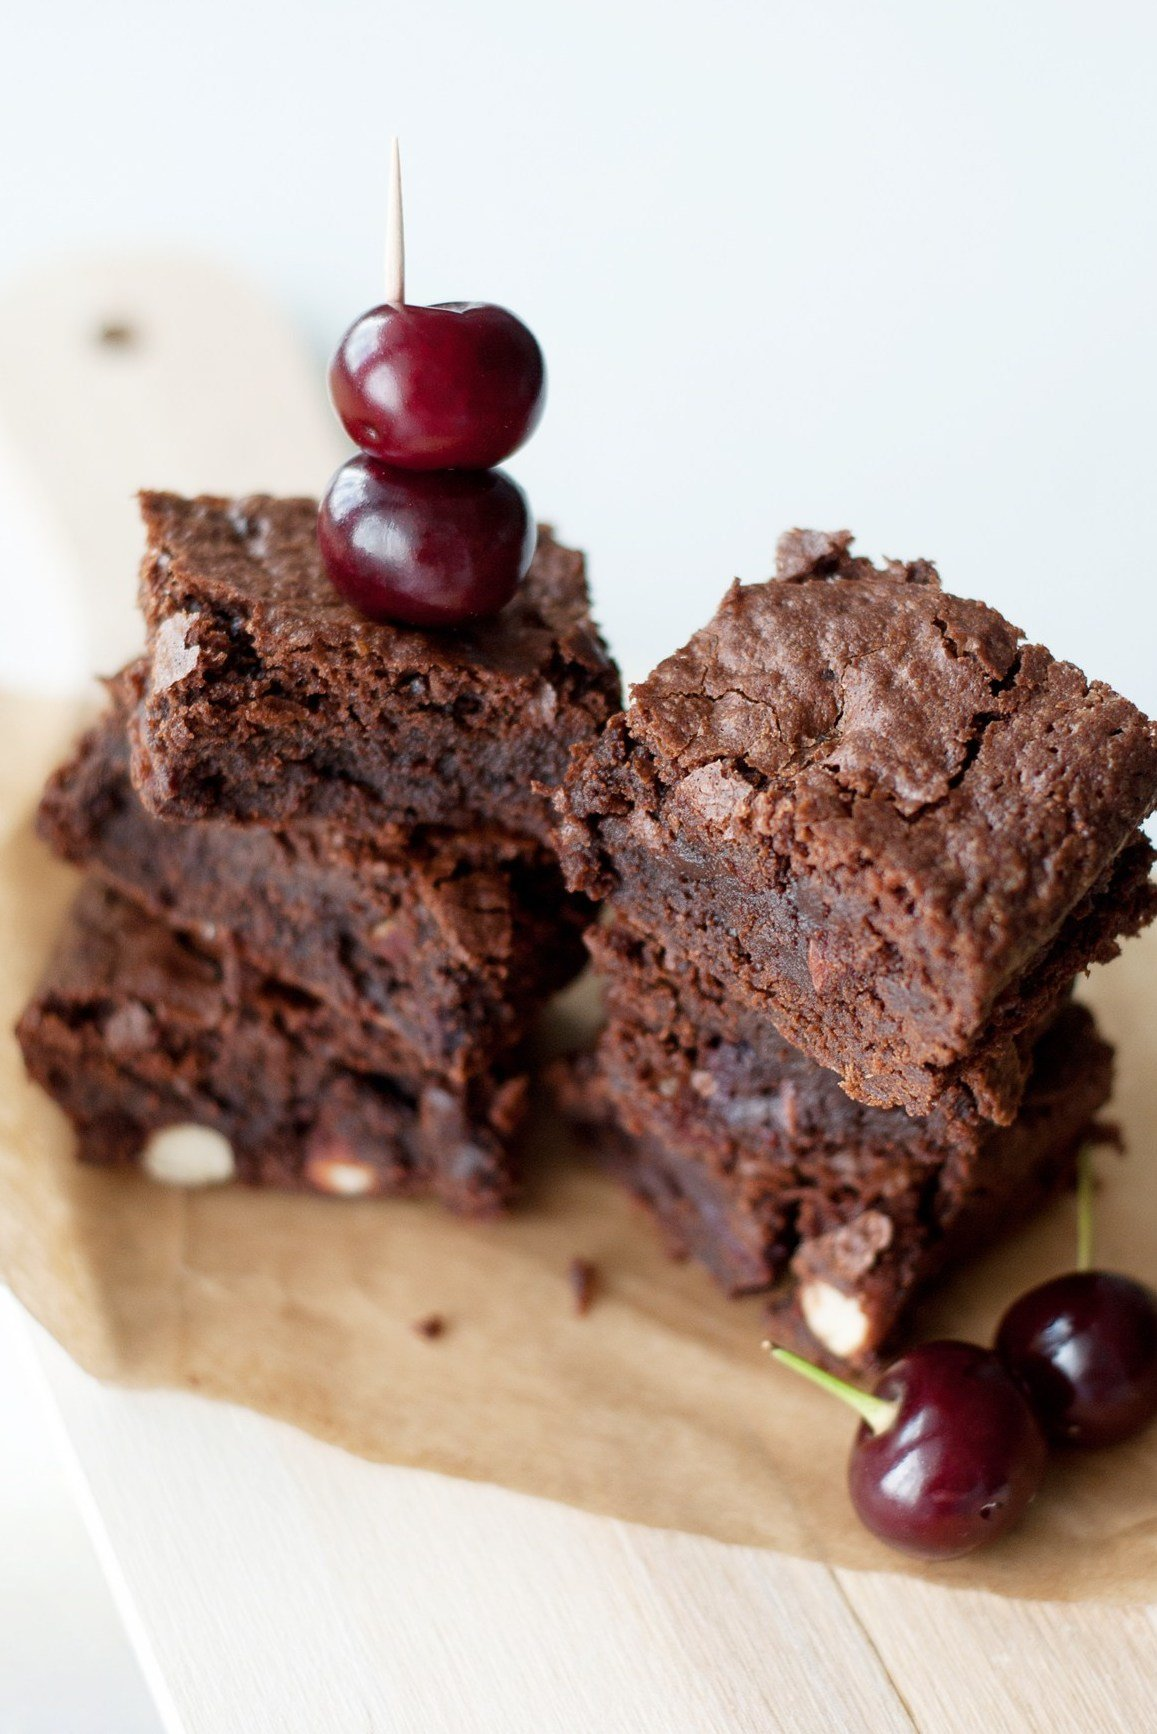 Брауни с бананом и горьким шоколадом — простой десерт